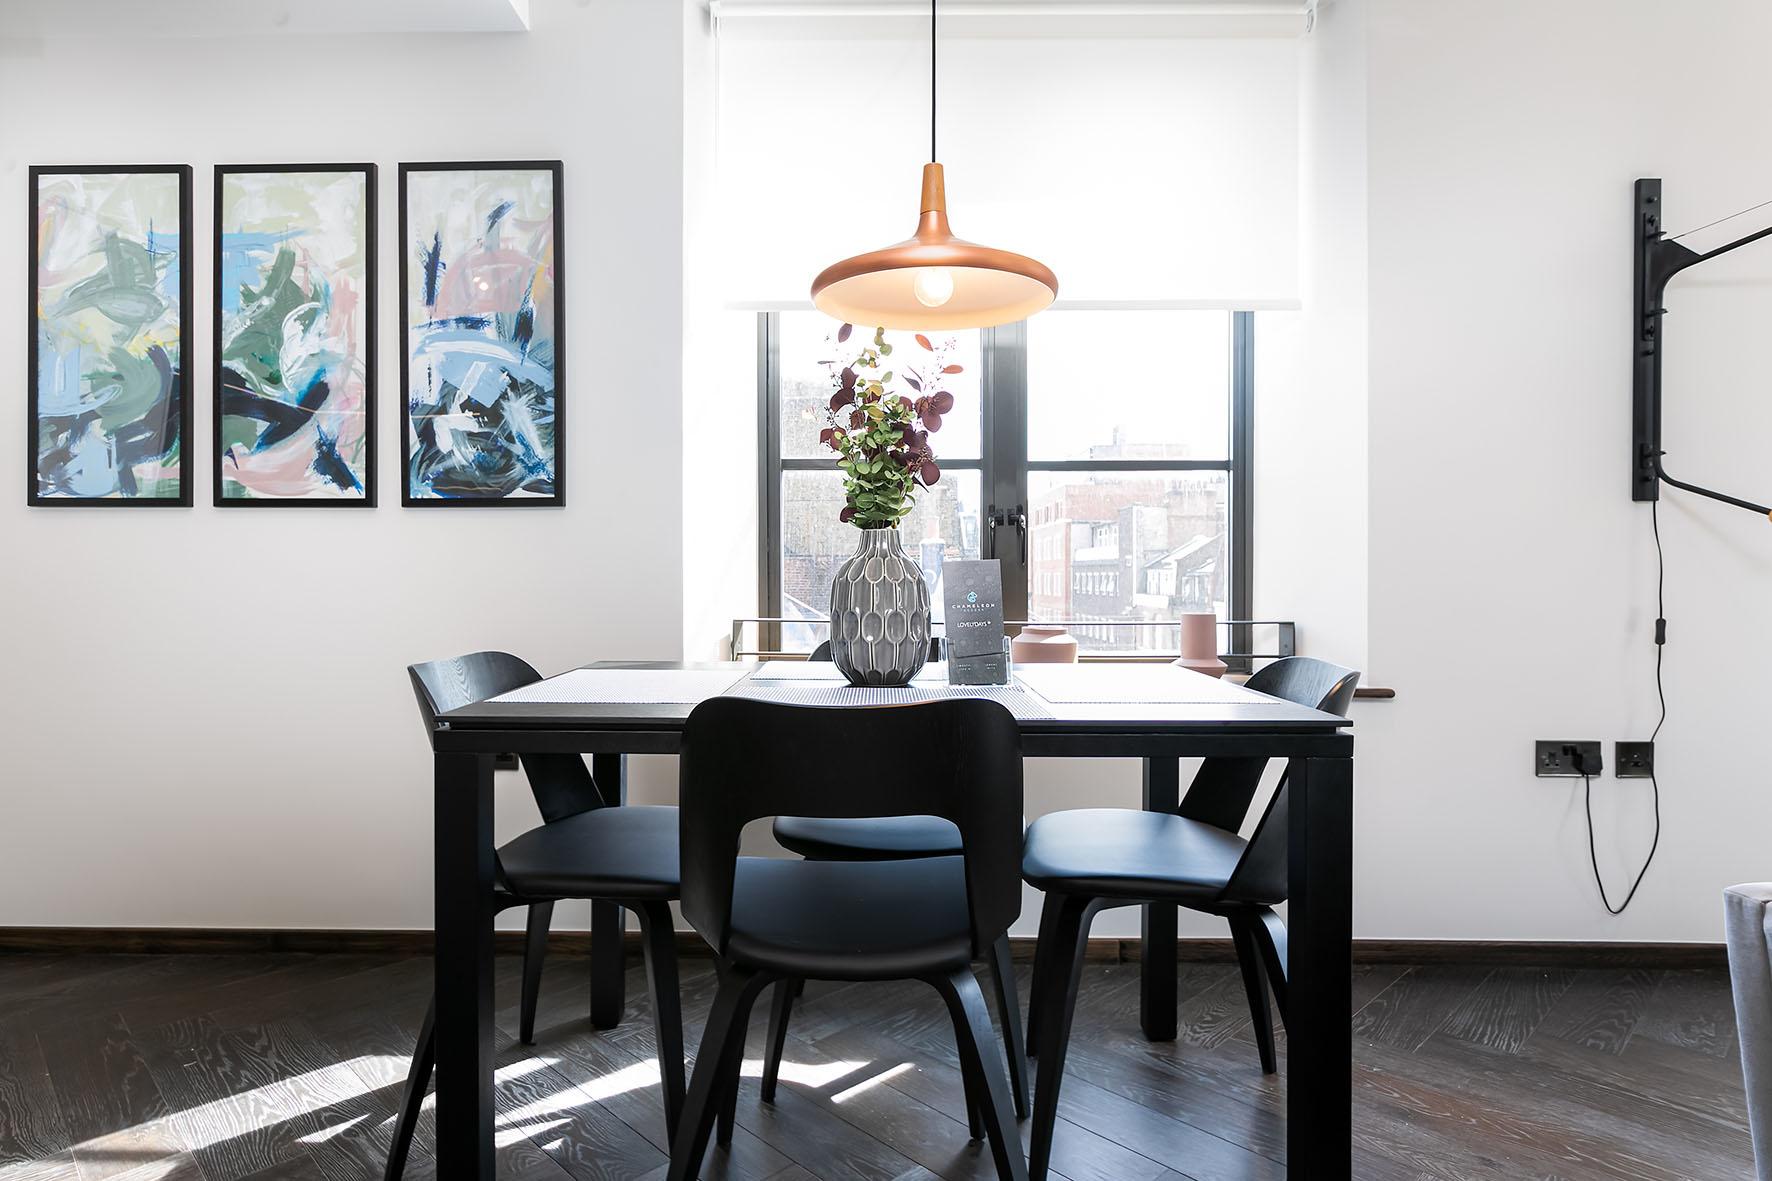 Lovelydays luxury service apartment rental - London - Soho - Noel Street VI - Lovelysuite - 2 bedrooms - 2 bathrooms - Dining living room - luxury apartment in london - bcb807db0427 - Lovelydays